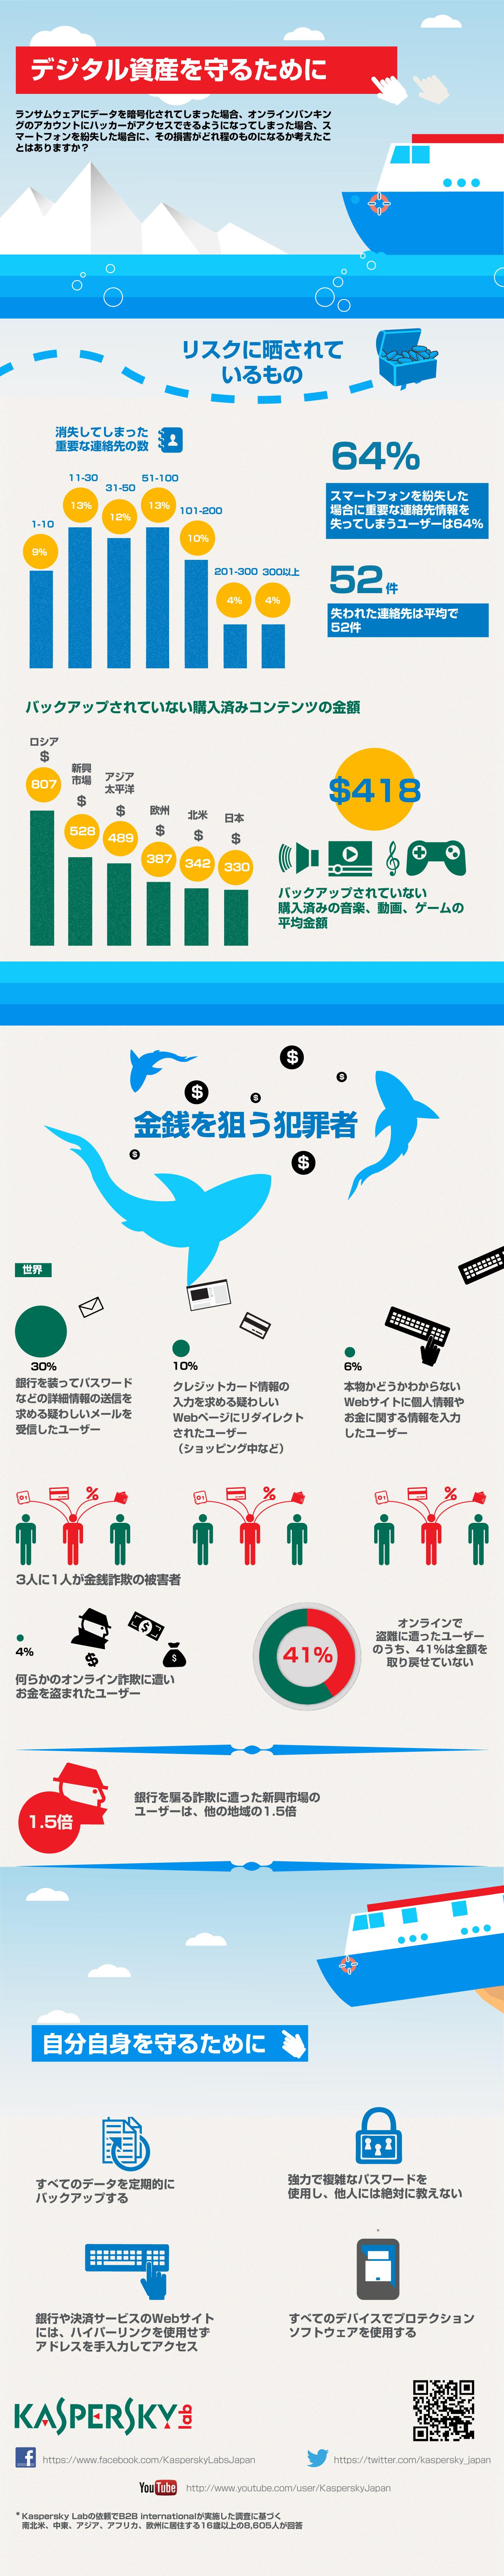 インフォグラフィック:デジタル資産を守れ